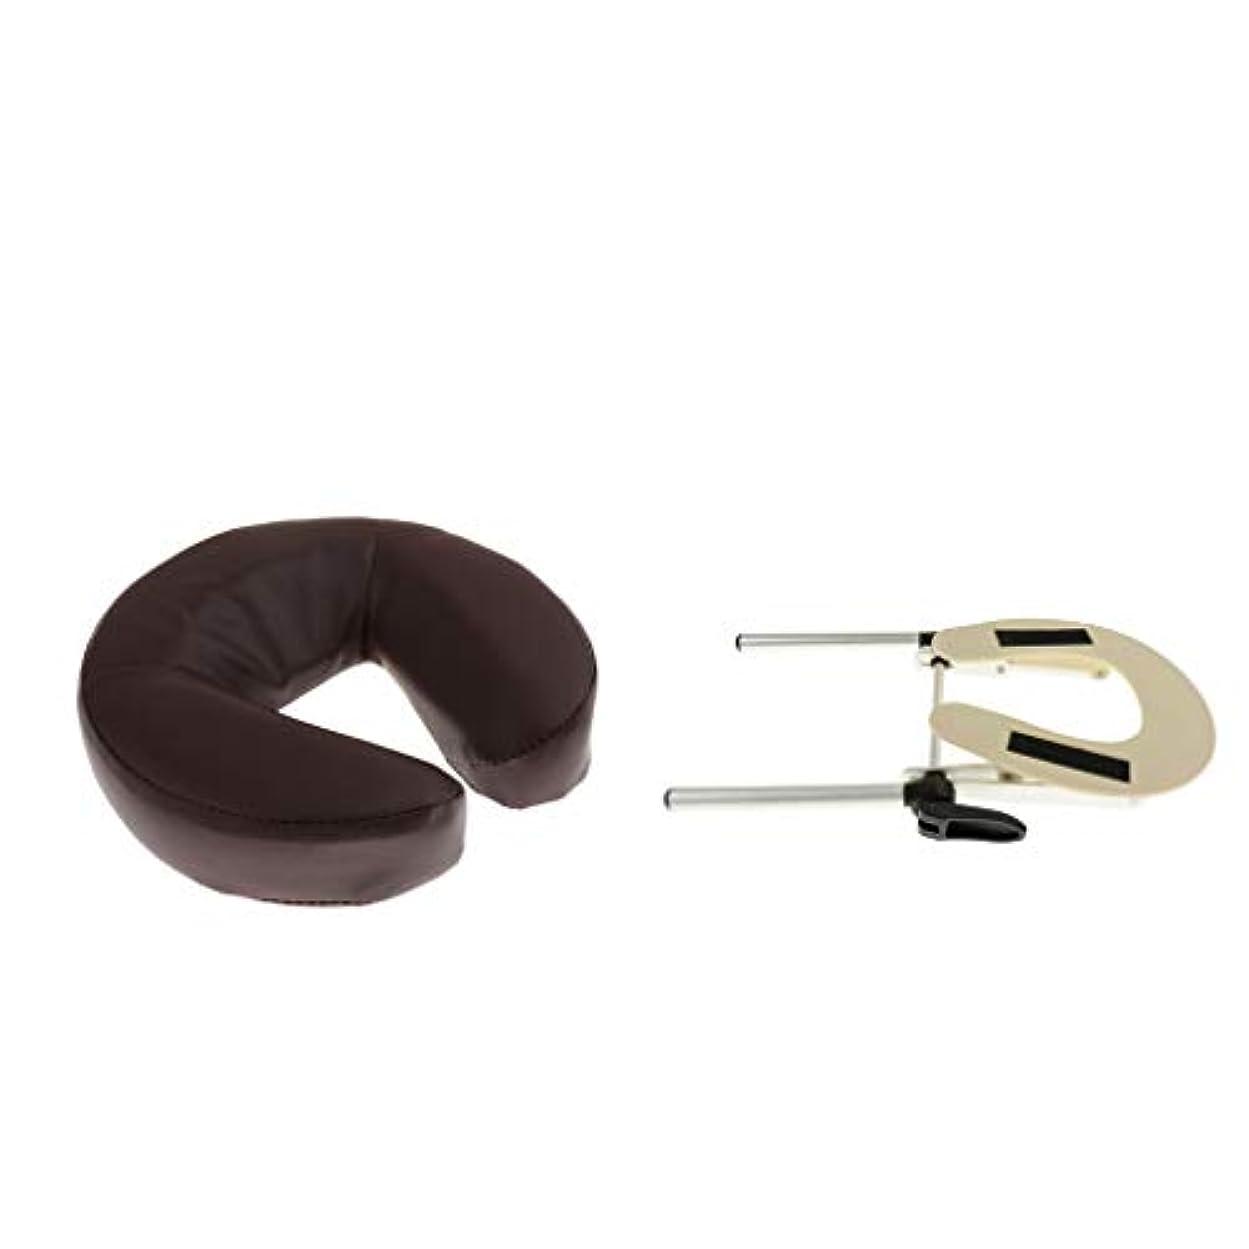 モジュールギネスペルソナフェイスダウン枕 フェイスクレードルクッション マッサージ用 快適 通気性